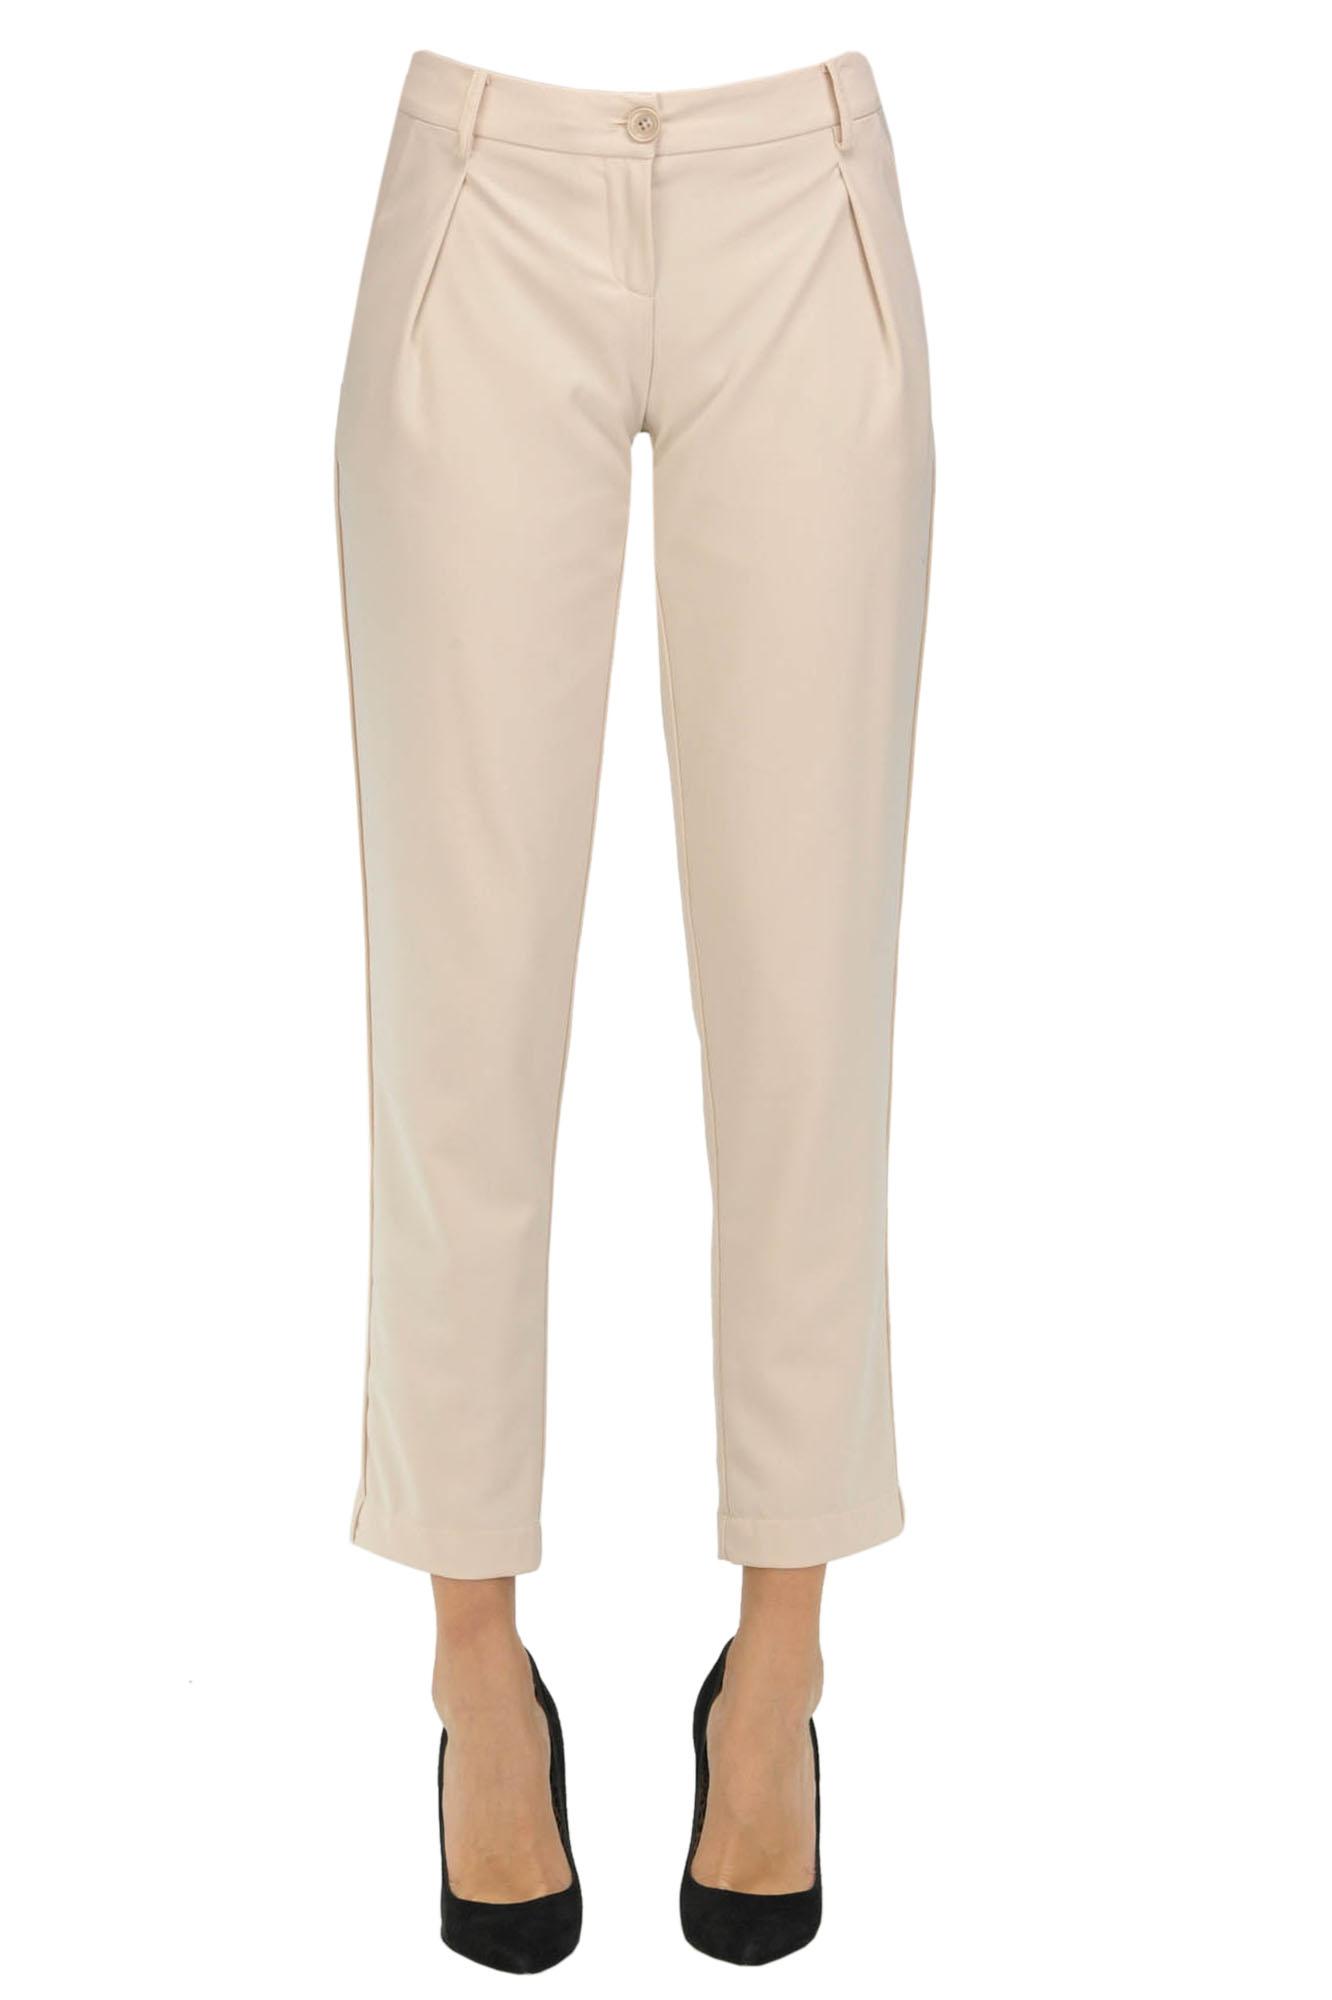 Image of Pantaloni gamba dritta